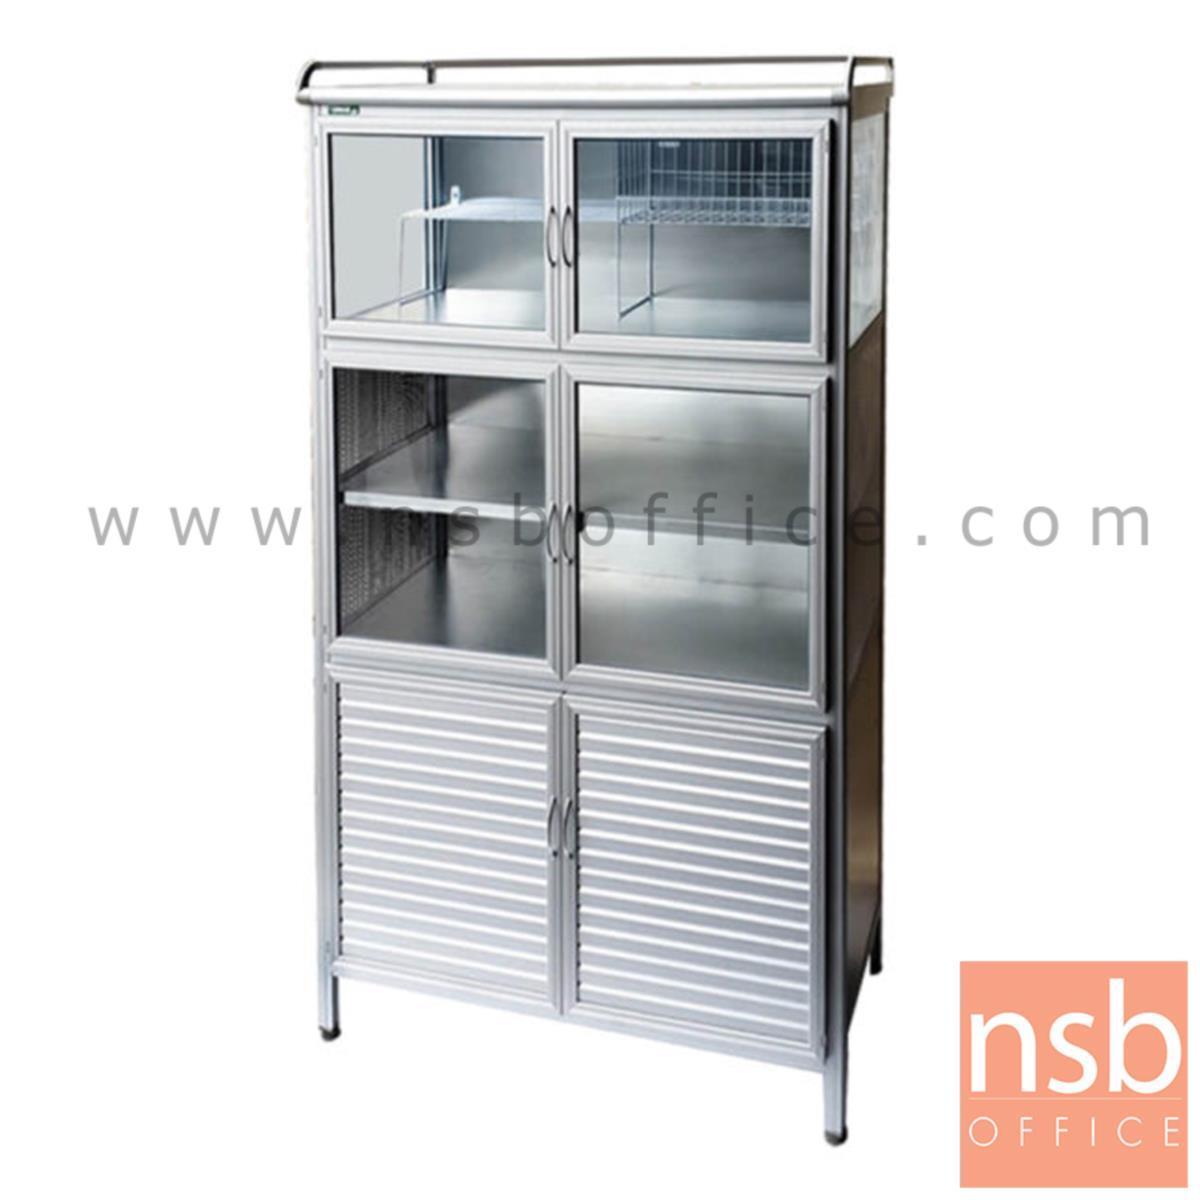 G07A050:ตู้ครัวอลูมิเนียมสีเงินทรงสูง รุ่น FSA  ขนาด 3 และ 3.5 ฟุต